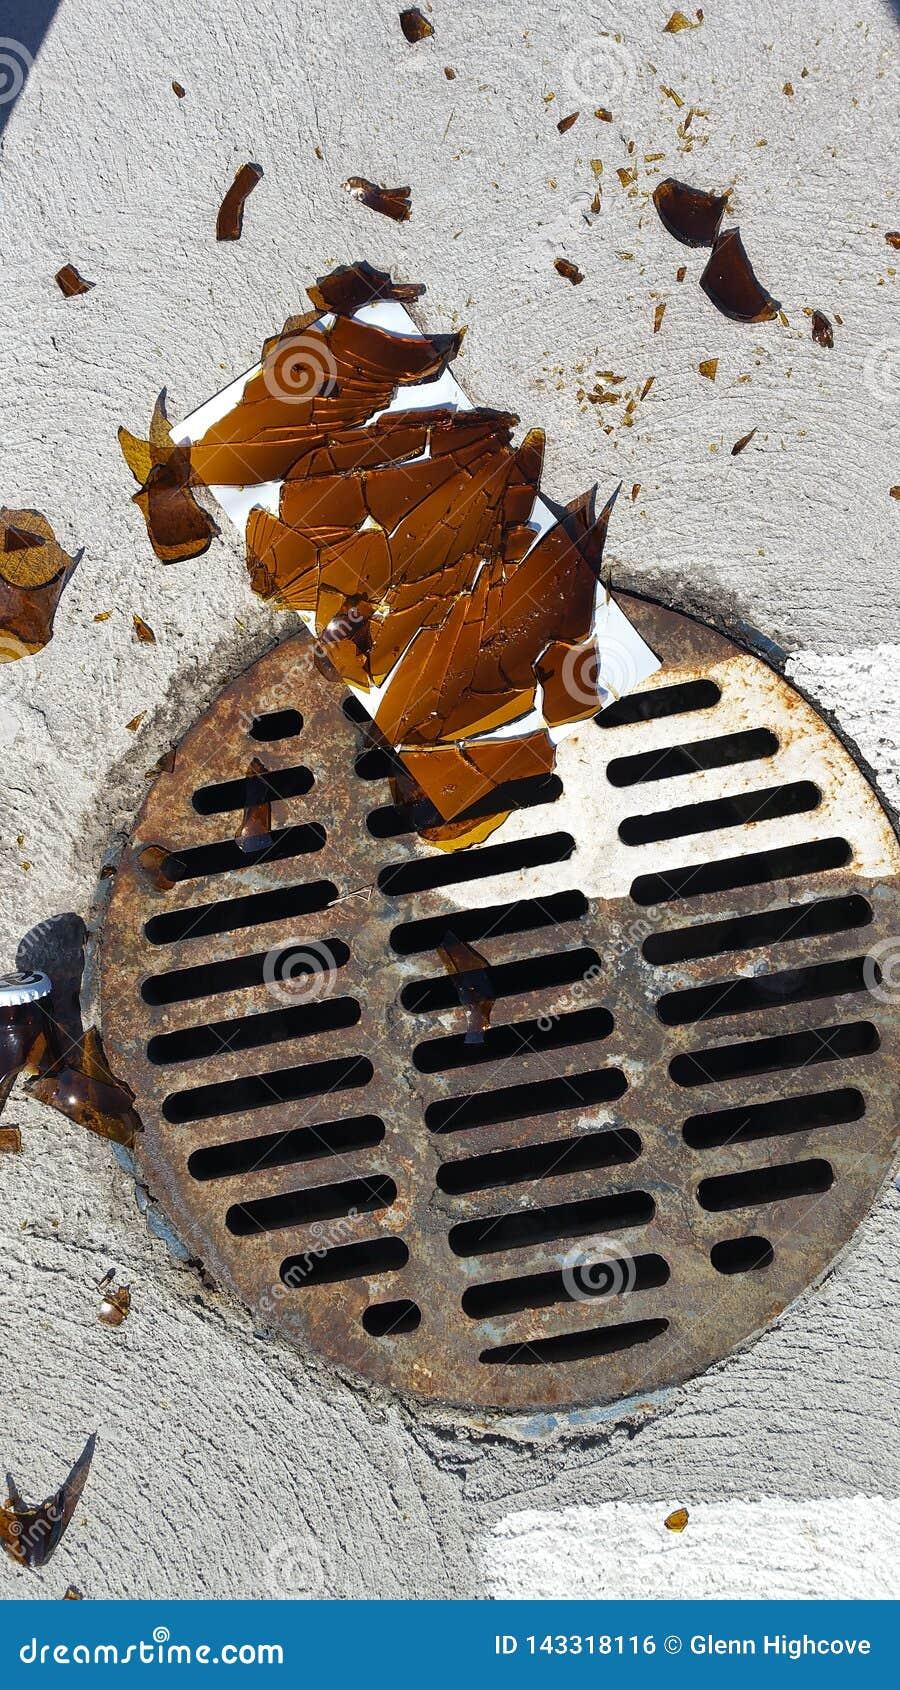 Cristal de botellas quebrado agudo por el dren oxidado de la tormenta en estacionamiento